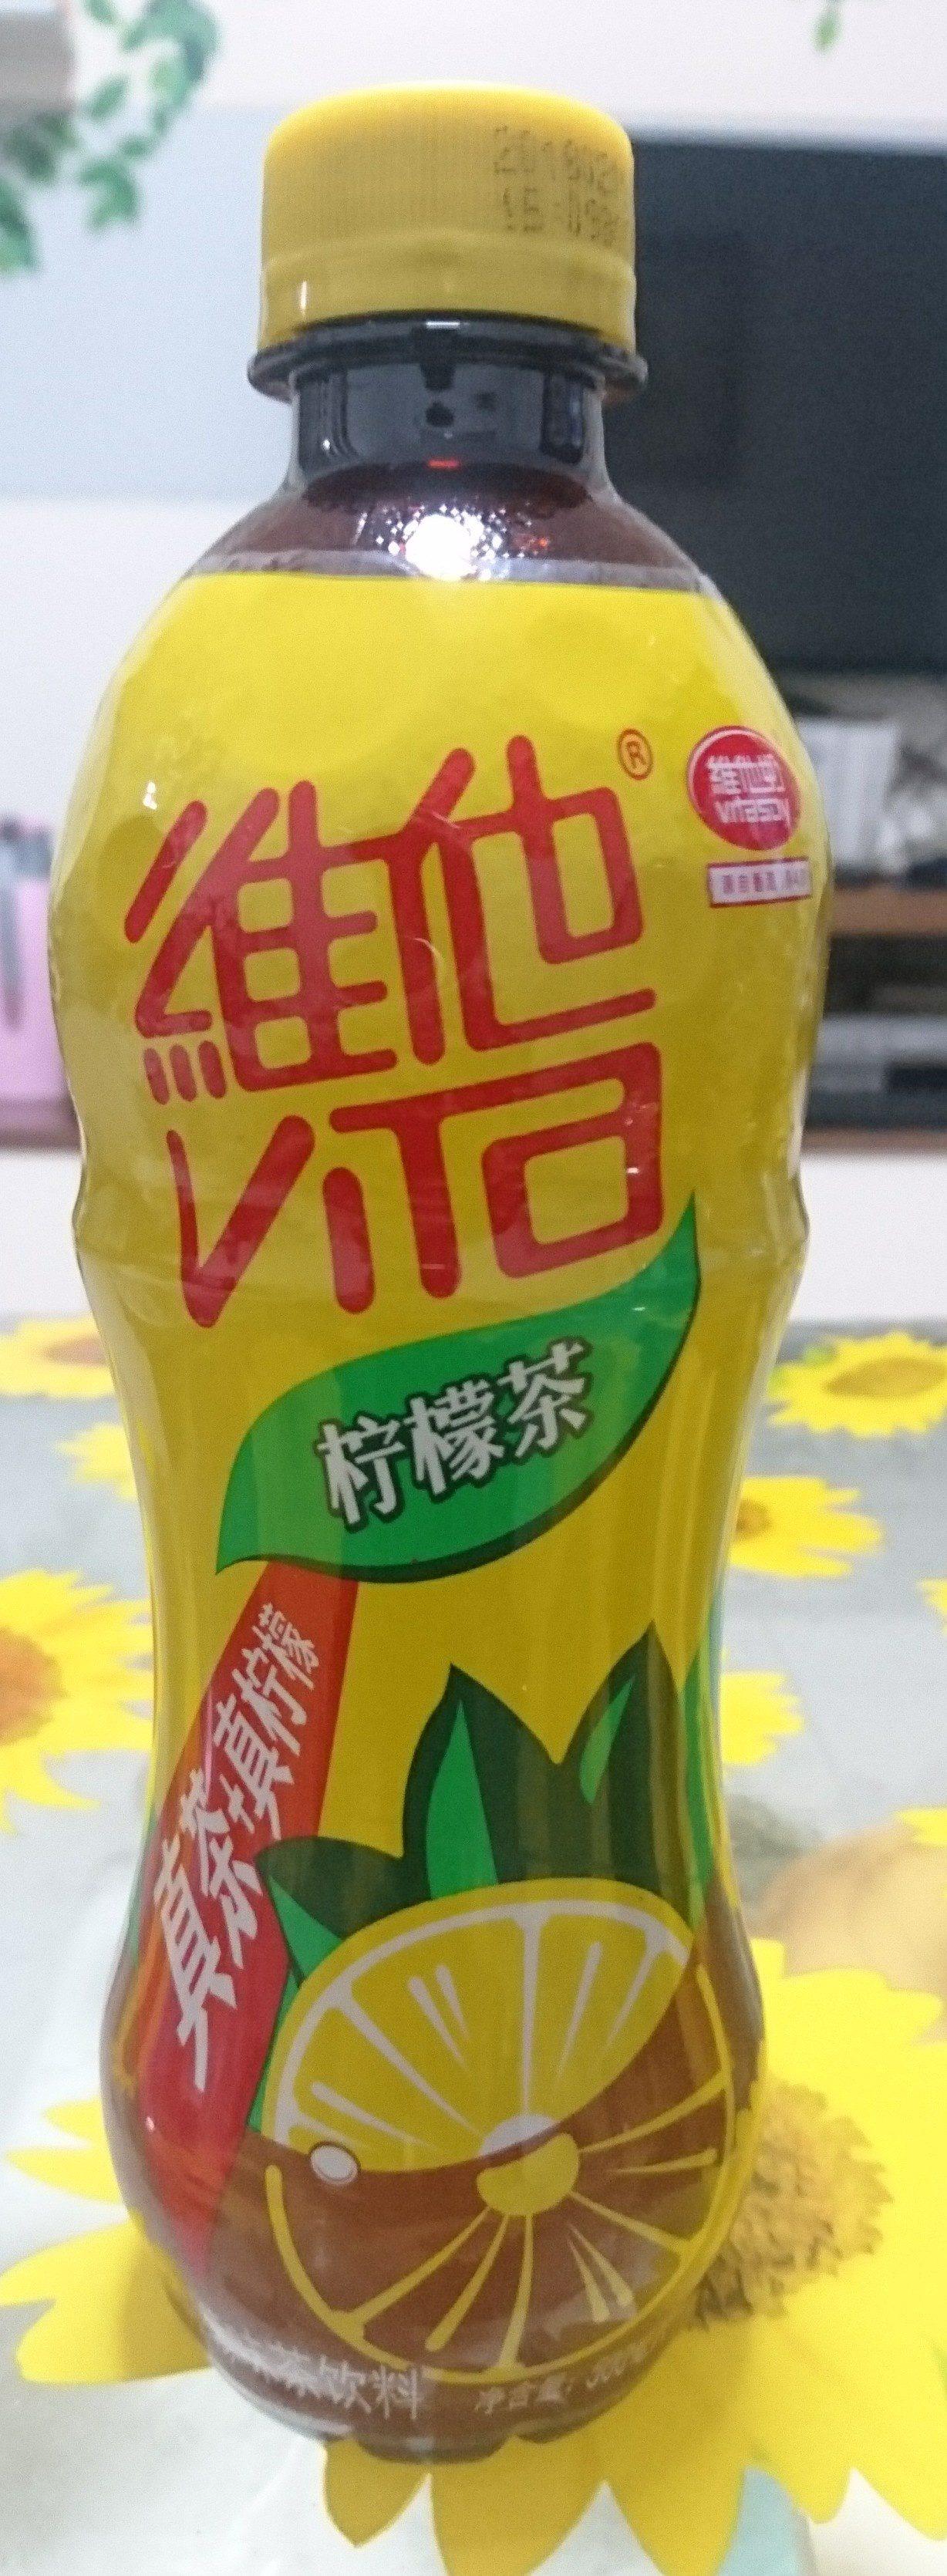 维他柠檬茶 - Product